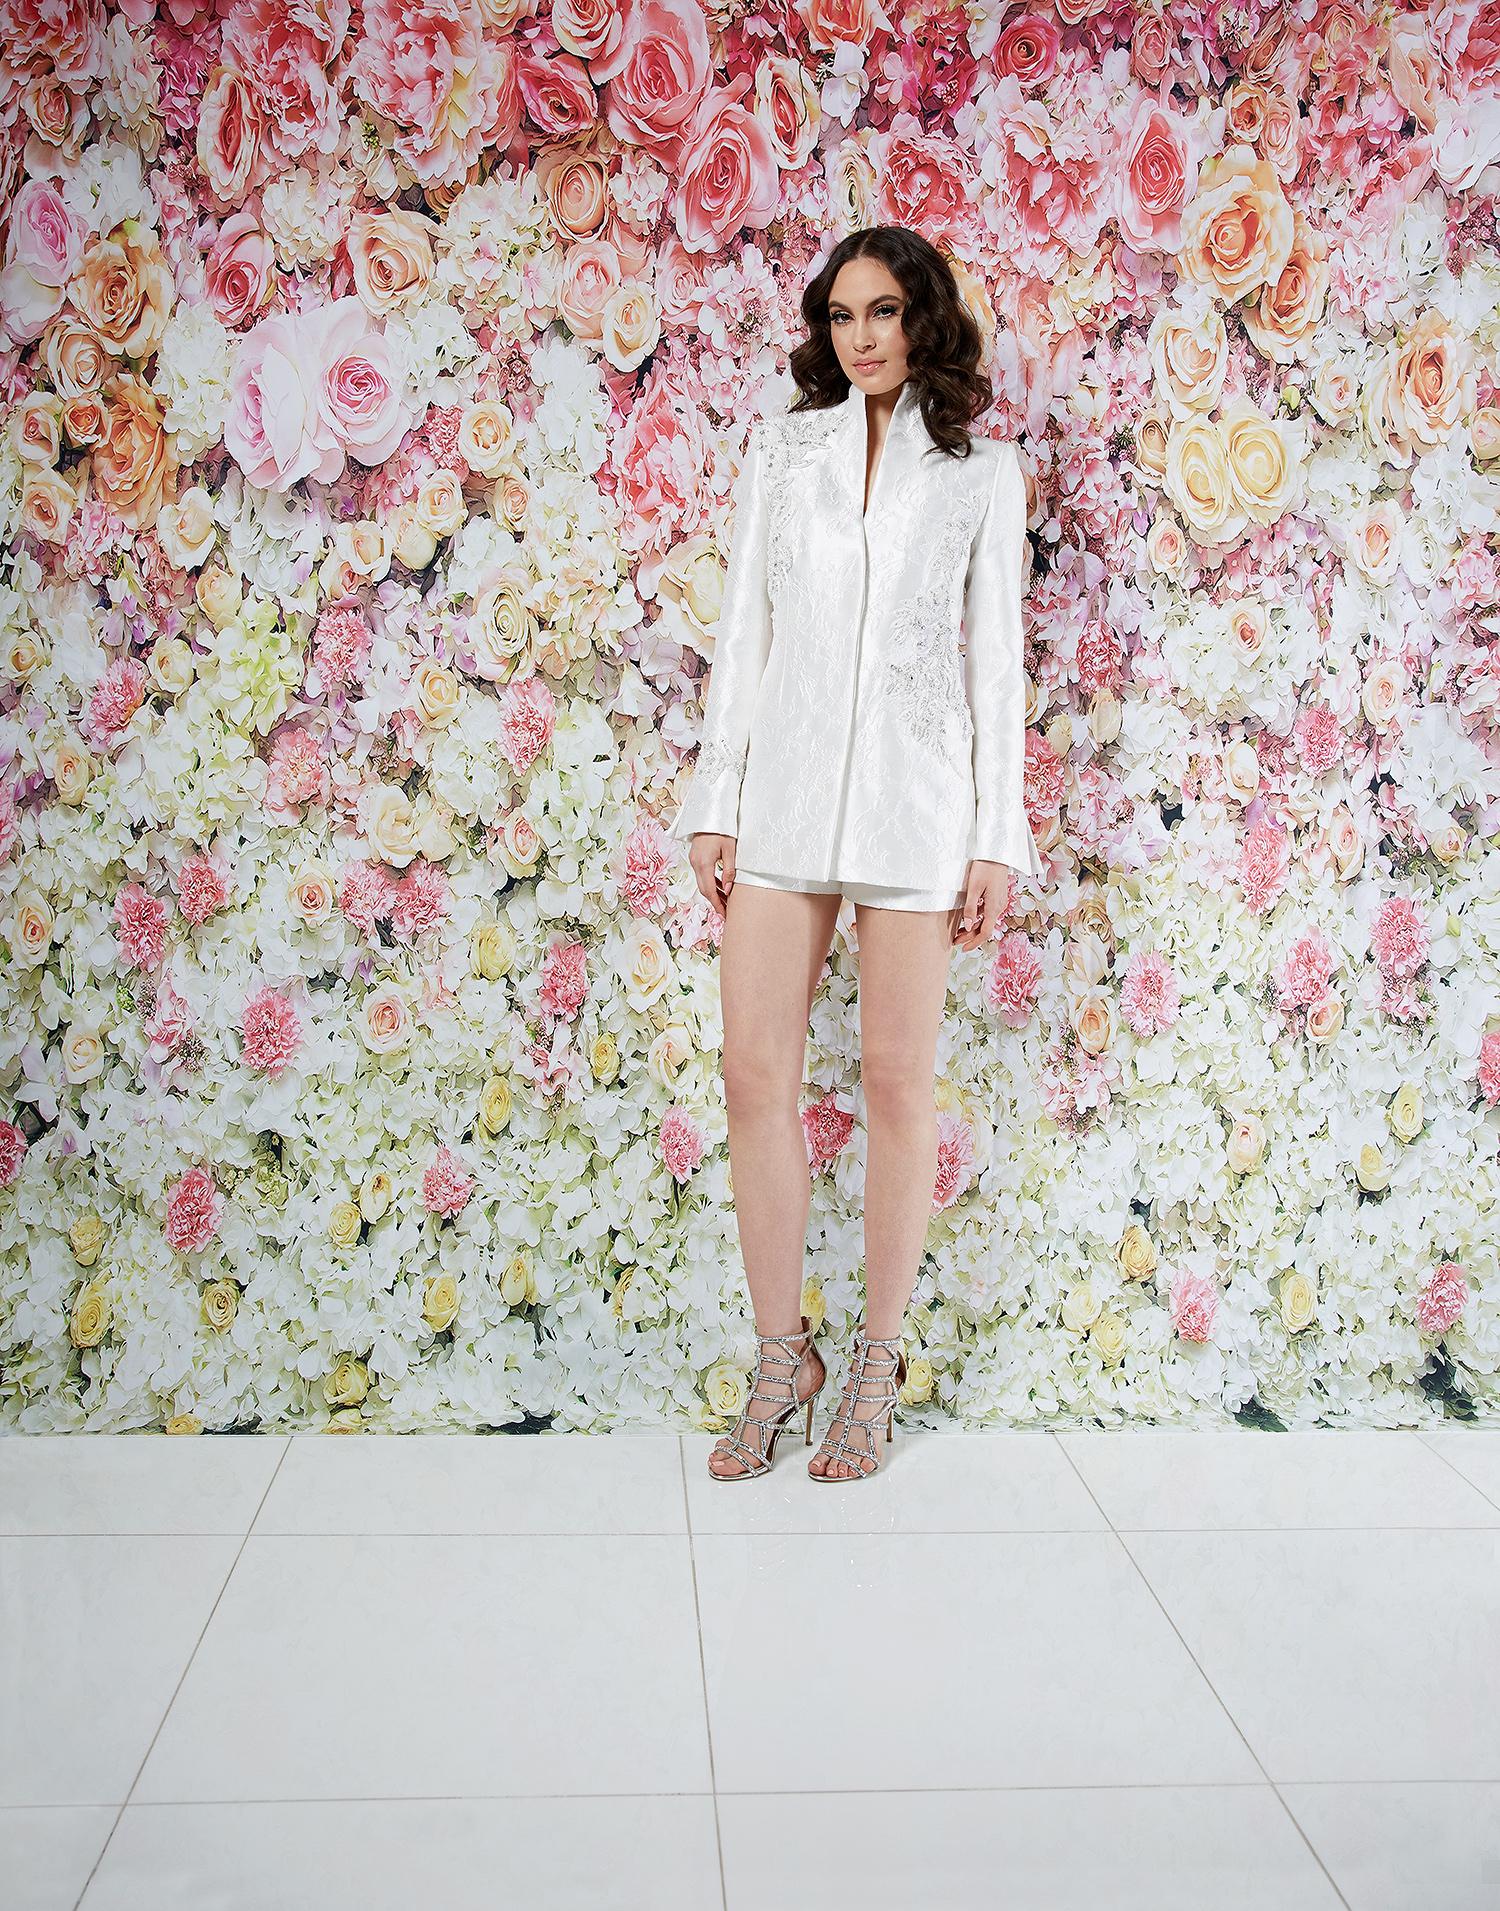 randi rahm wedding dress spring 2019 shorts embroidered jacket separates